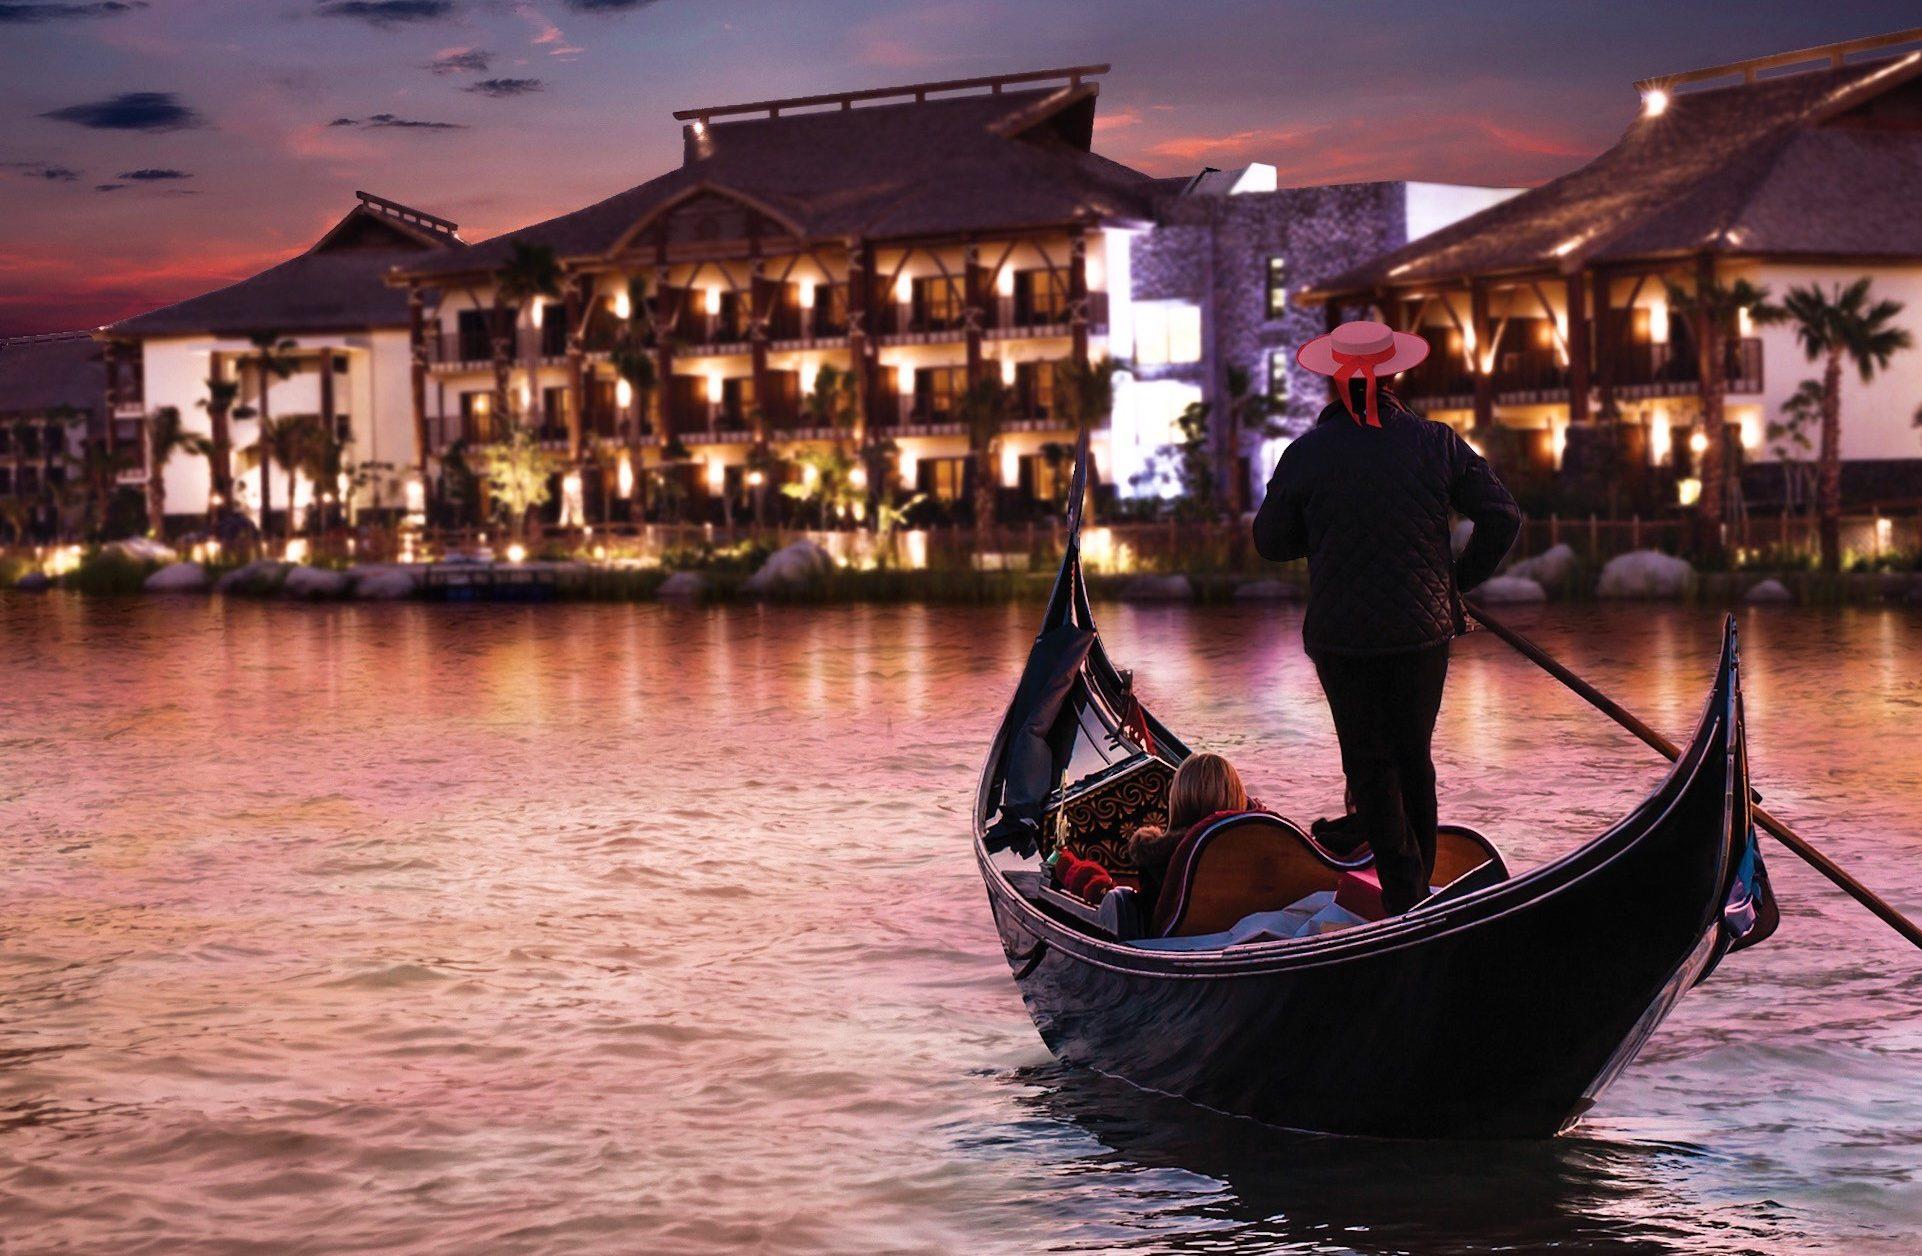 رحلة على متن القارب خلال عيد الحب من فندق لابيتا